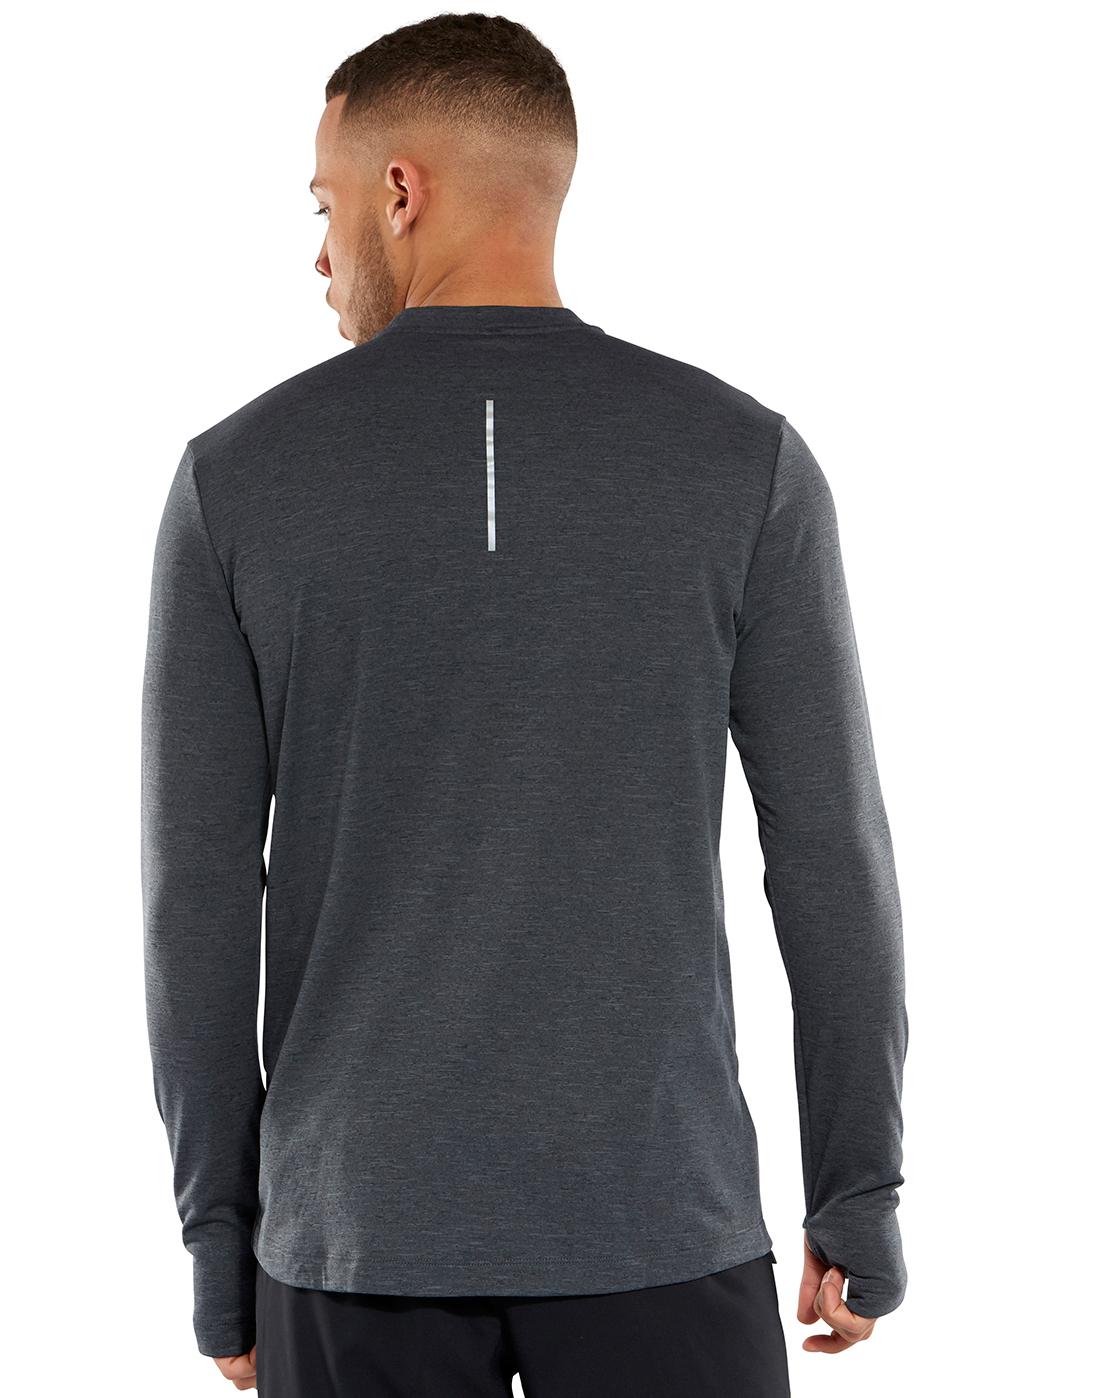 993dcee7 Mens Sphere Element 2.0 Crew Sweatshirt · Mens Sphere Element 2.0 Crew  Sweatshirt ...